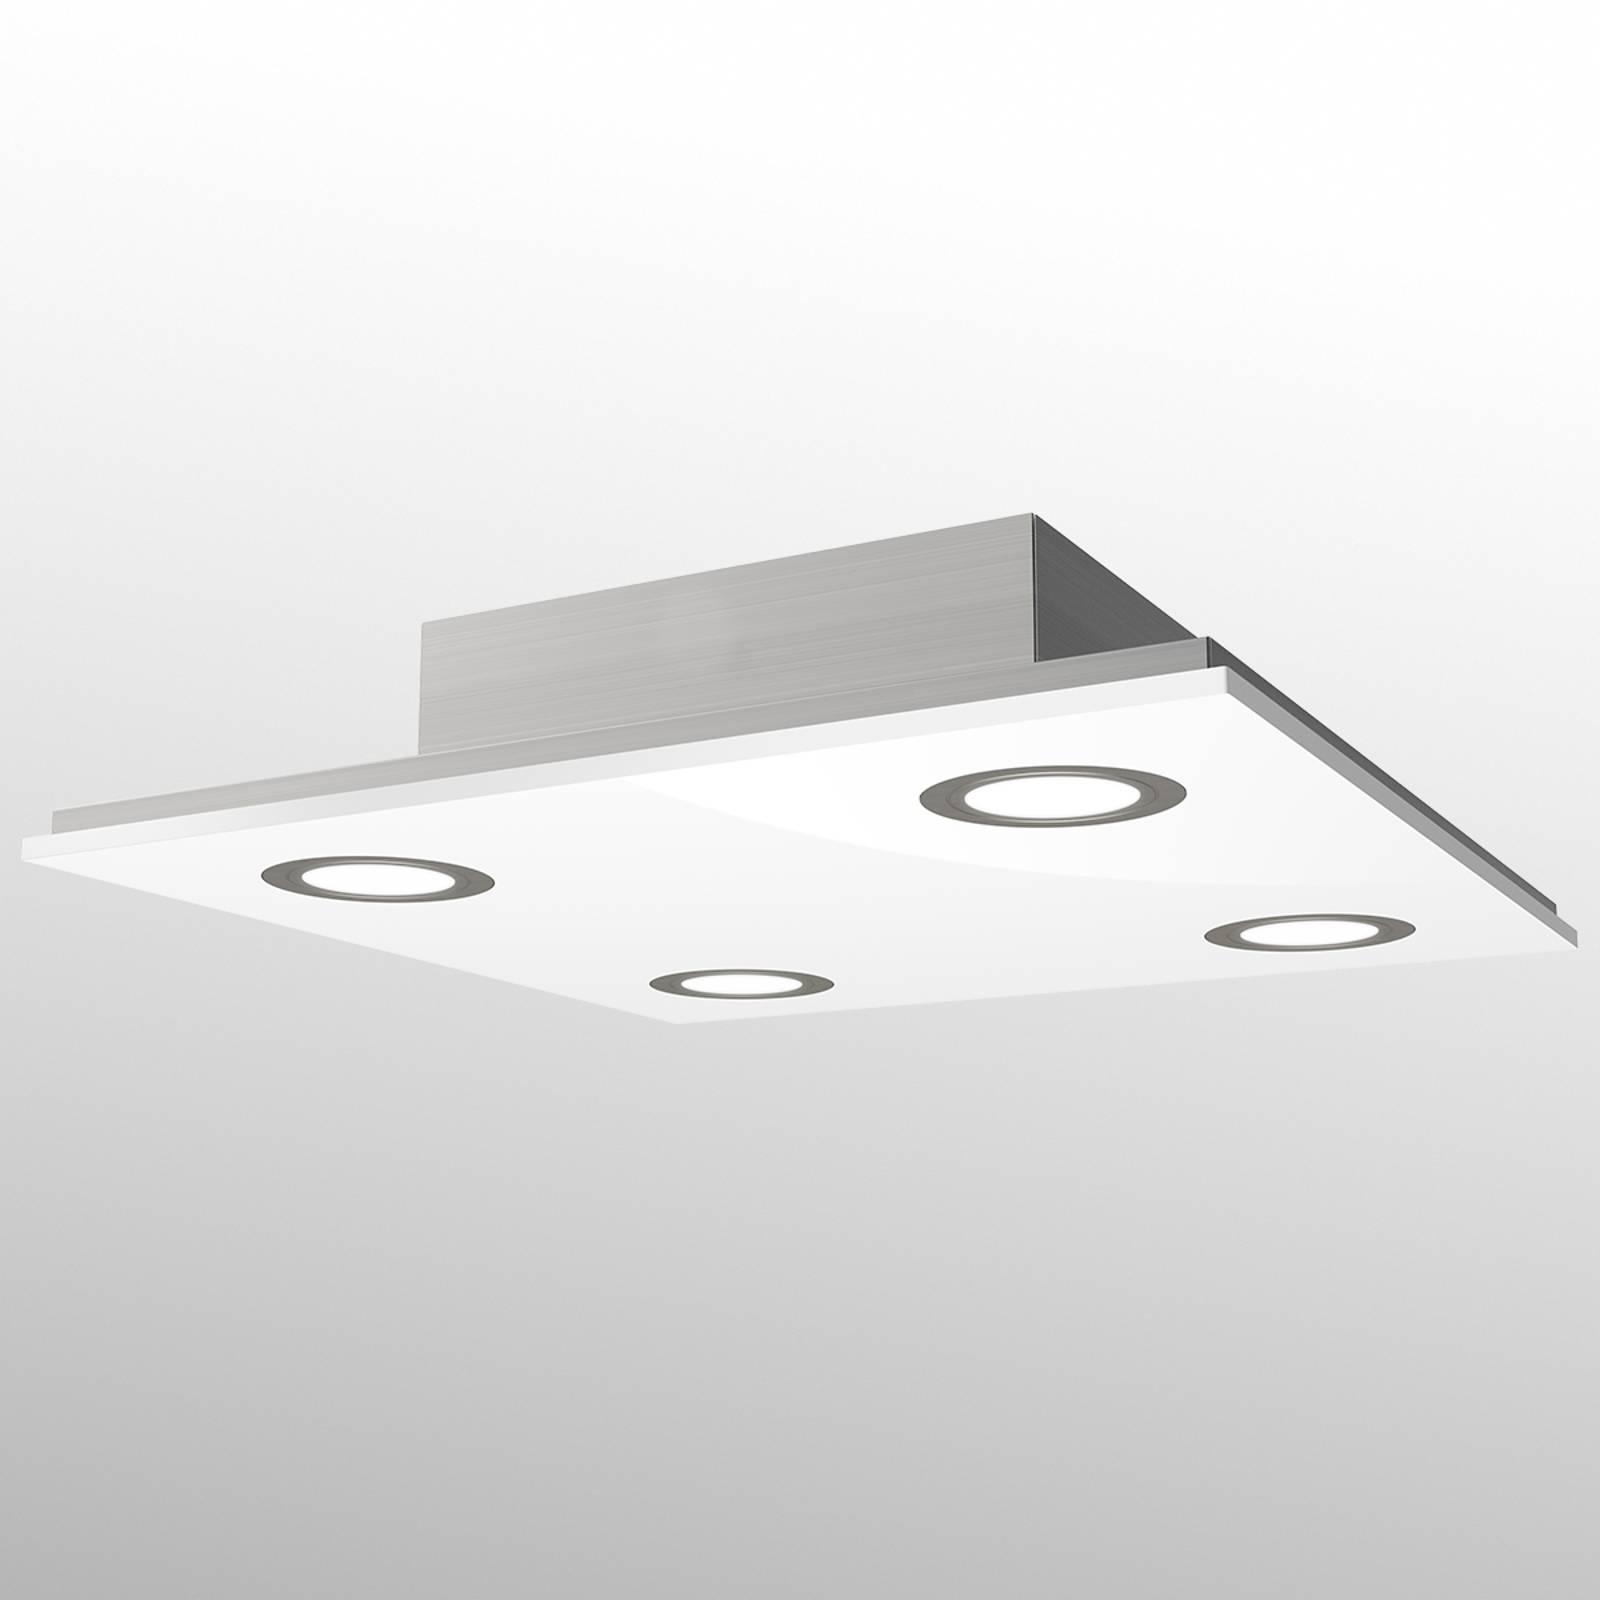 Neliömäinen Pano-LED-kattovalaisin, valkoinen